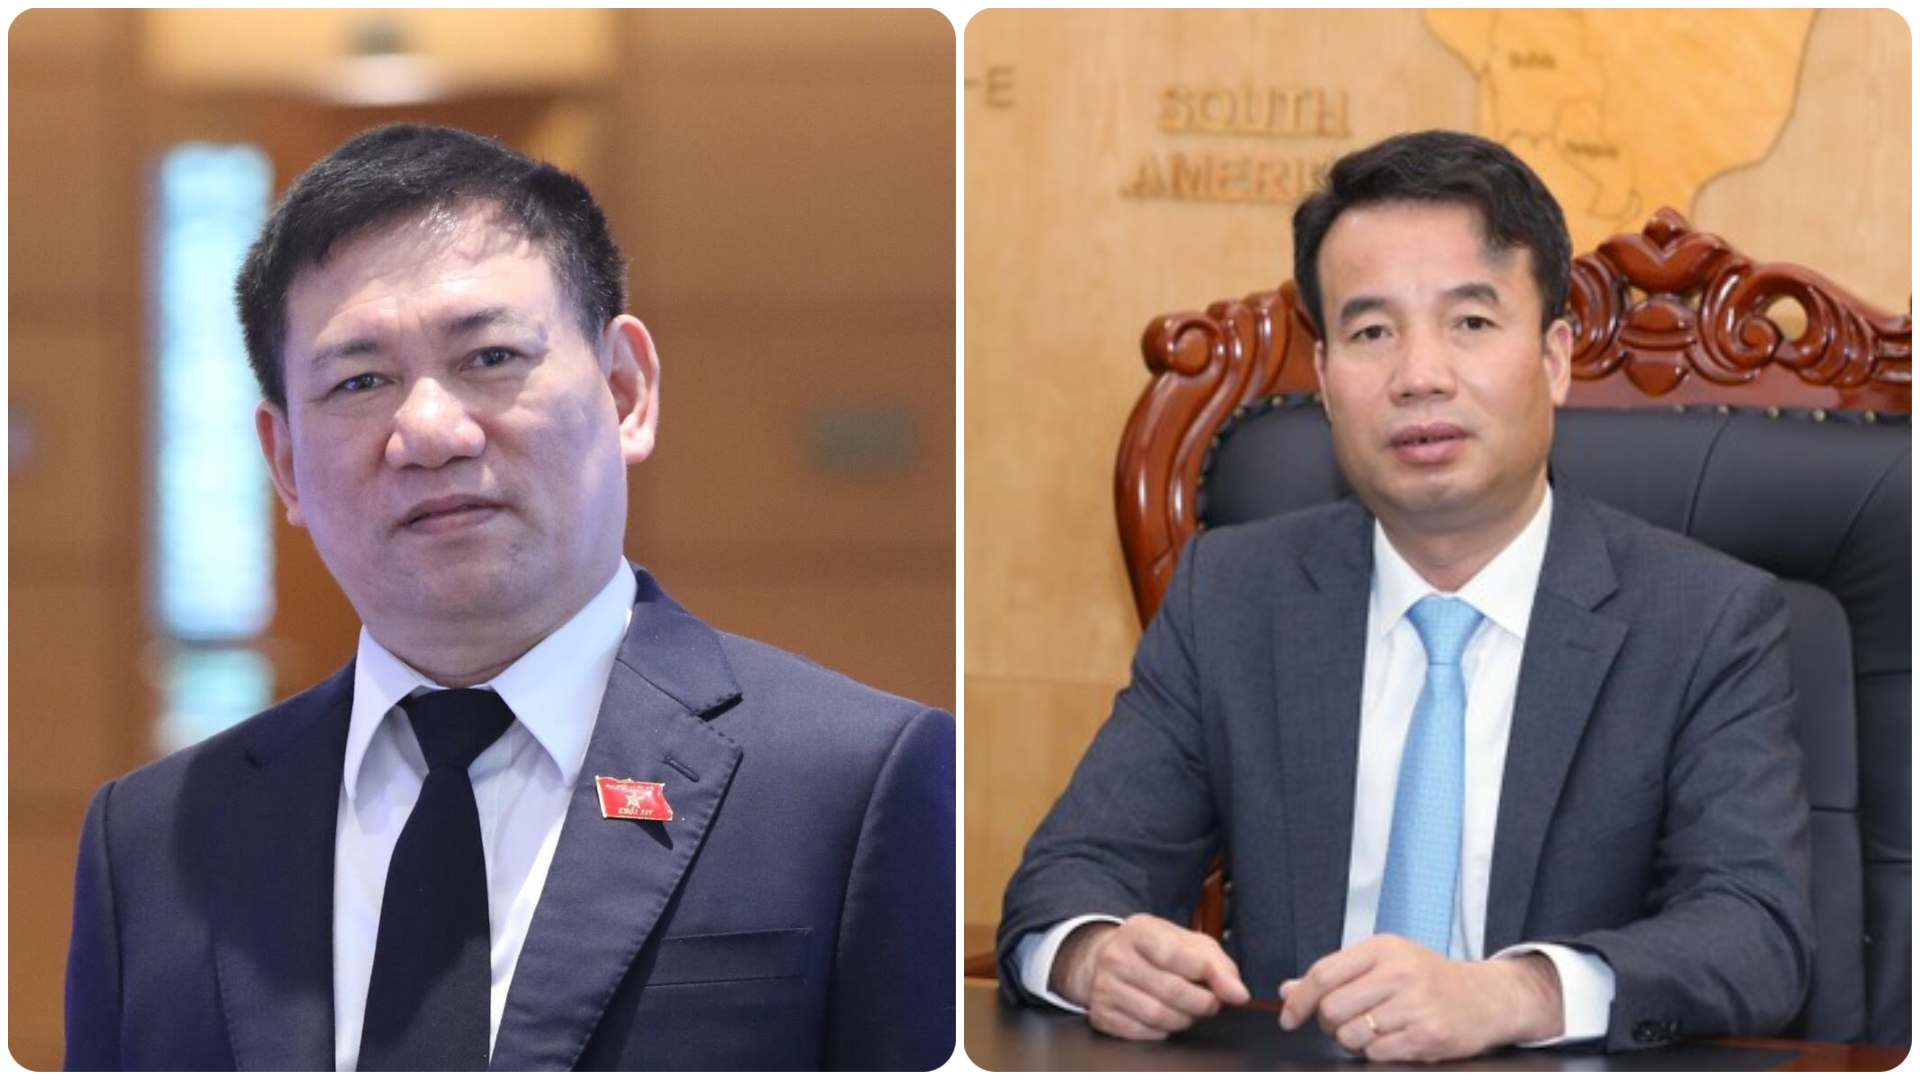 Ông Hồ Đức Phớc kiêm nhiệm Chủ tịch Hội đồng quản lý Bảo hiểm Xã hội Việt Nam